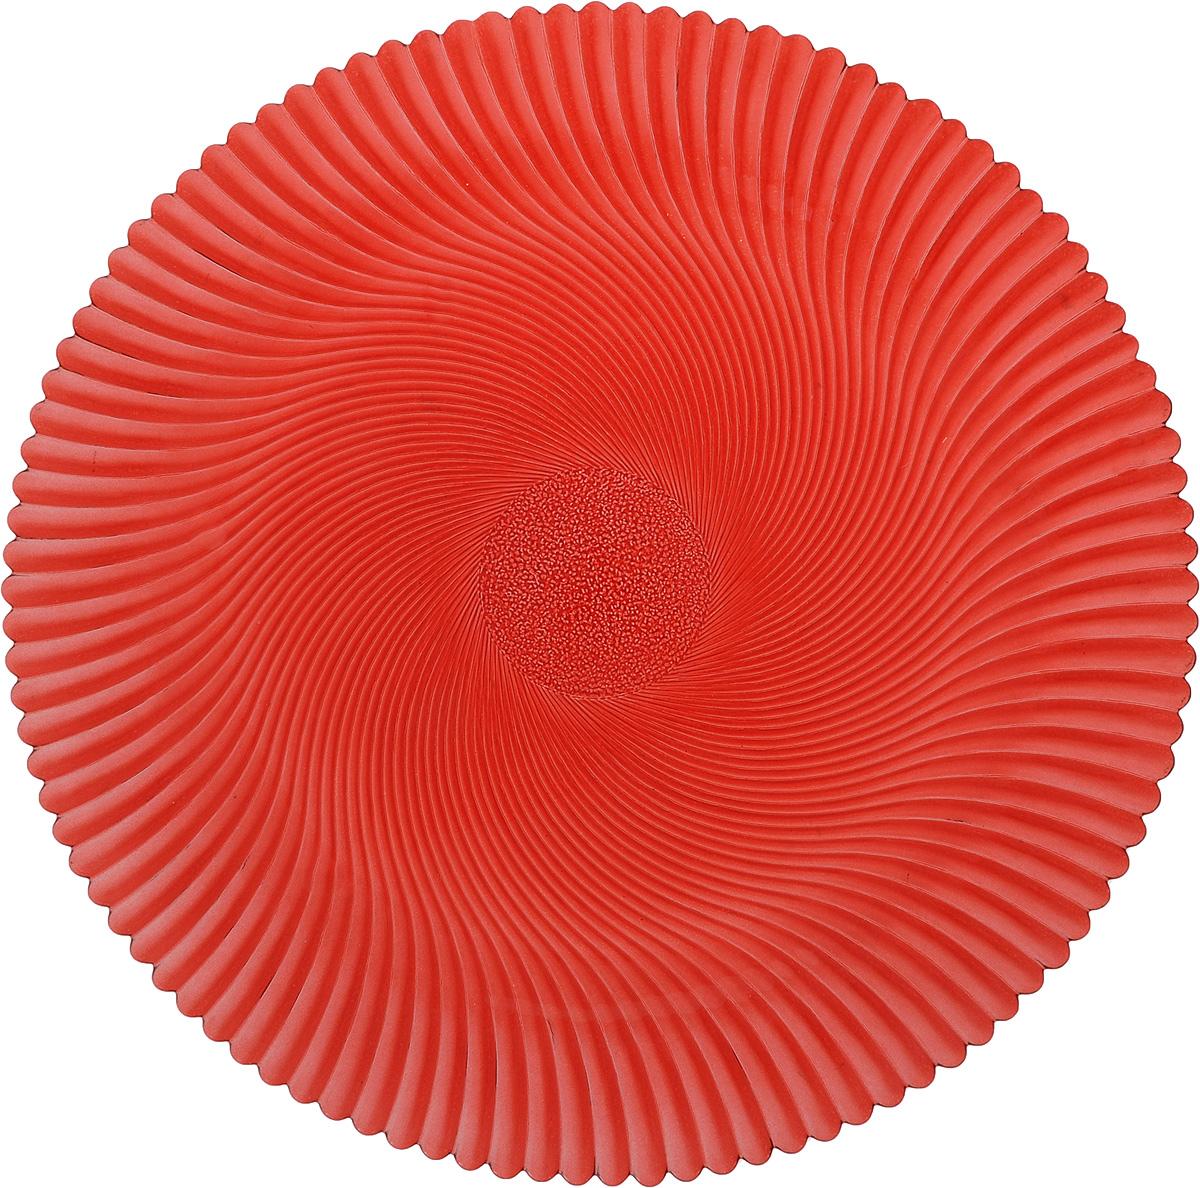 Блюдо NiNaGlass Альтера, цвет: рубиновый, диаметр 32 см83-028-Ф320 РУБКруглое блюдо NiNaGlass Альтера, изготовленное из высококачественного стекла, прекрасно подойдет для подачи нарезок, закусок и других блюд. Внешняя поверхность изделия оформлена рельефом. Такое блюдо украсит сервировку вашего стола и подчеркнет прекрасный вкус хозяйки.Диаметр блюда (по верхнему краю): 32 см.Высота блюда: 2 см.